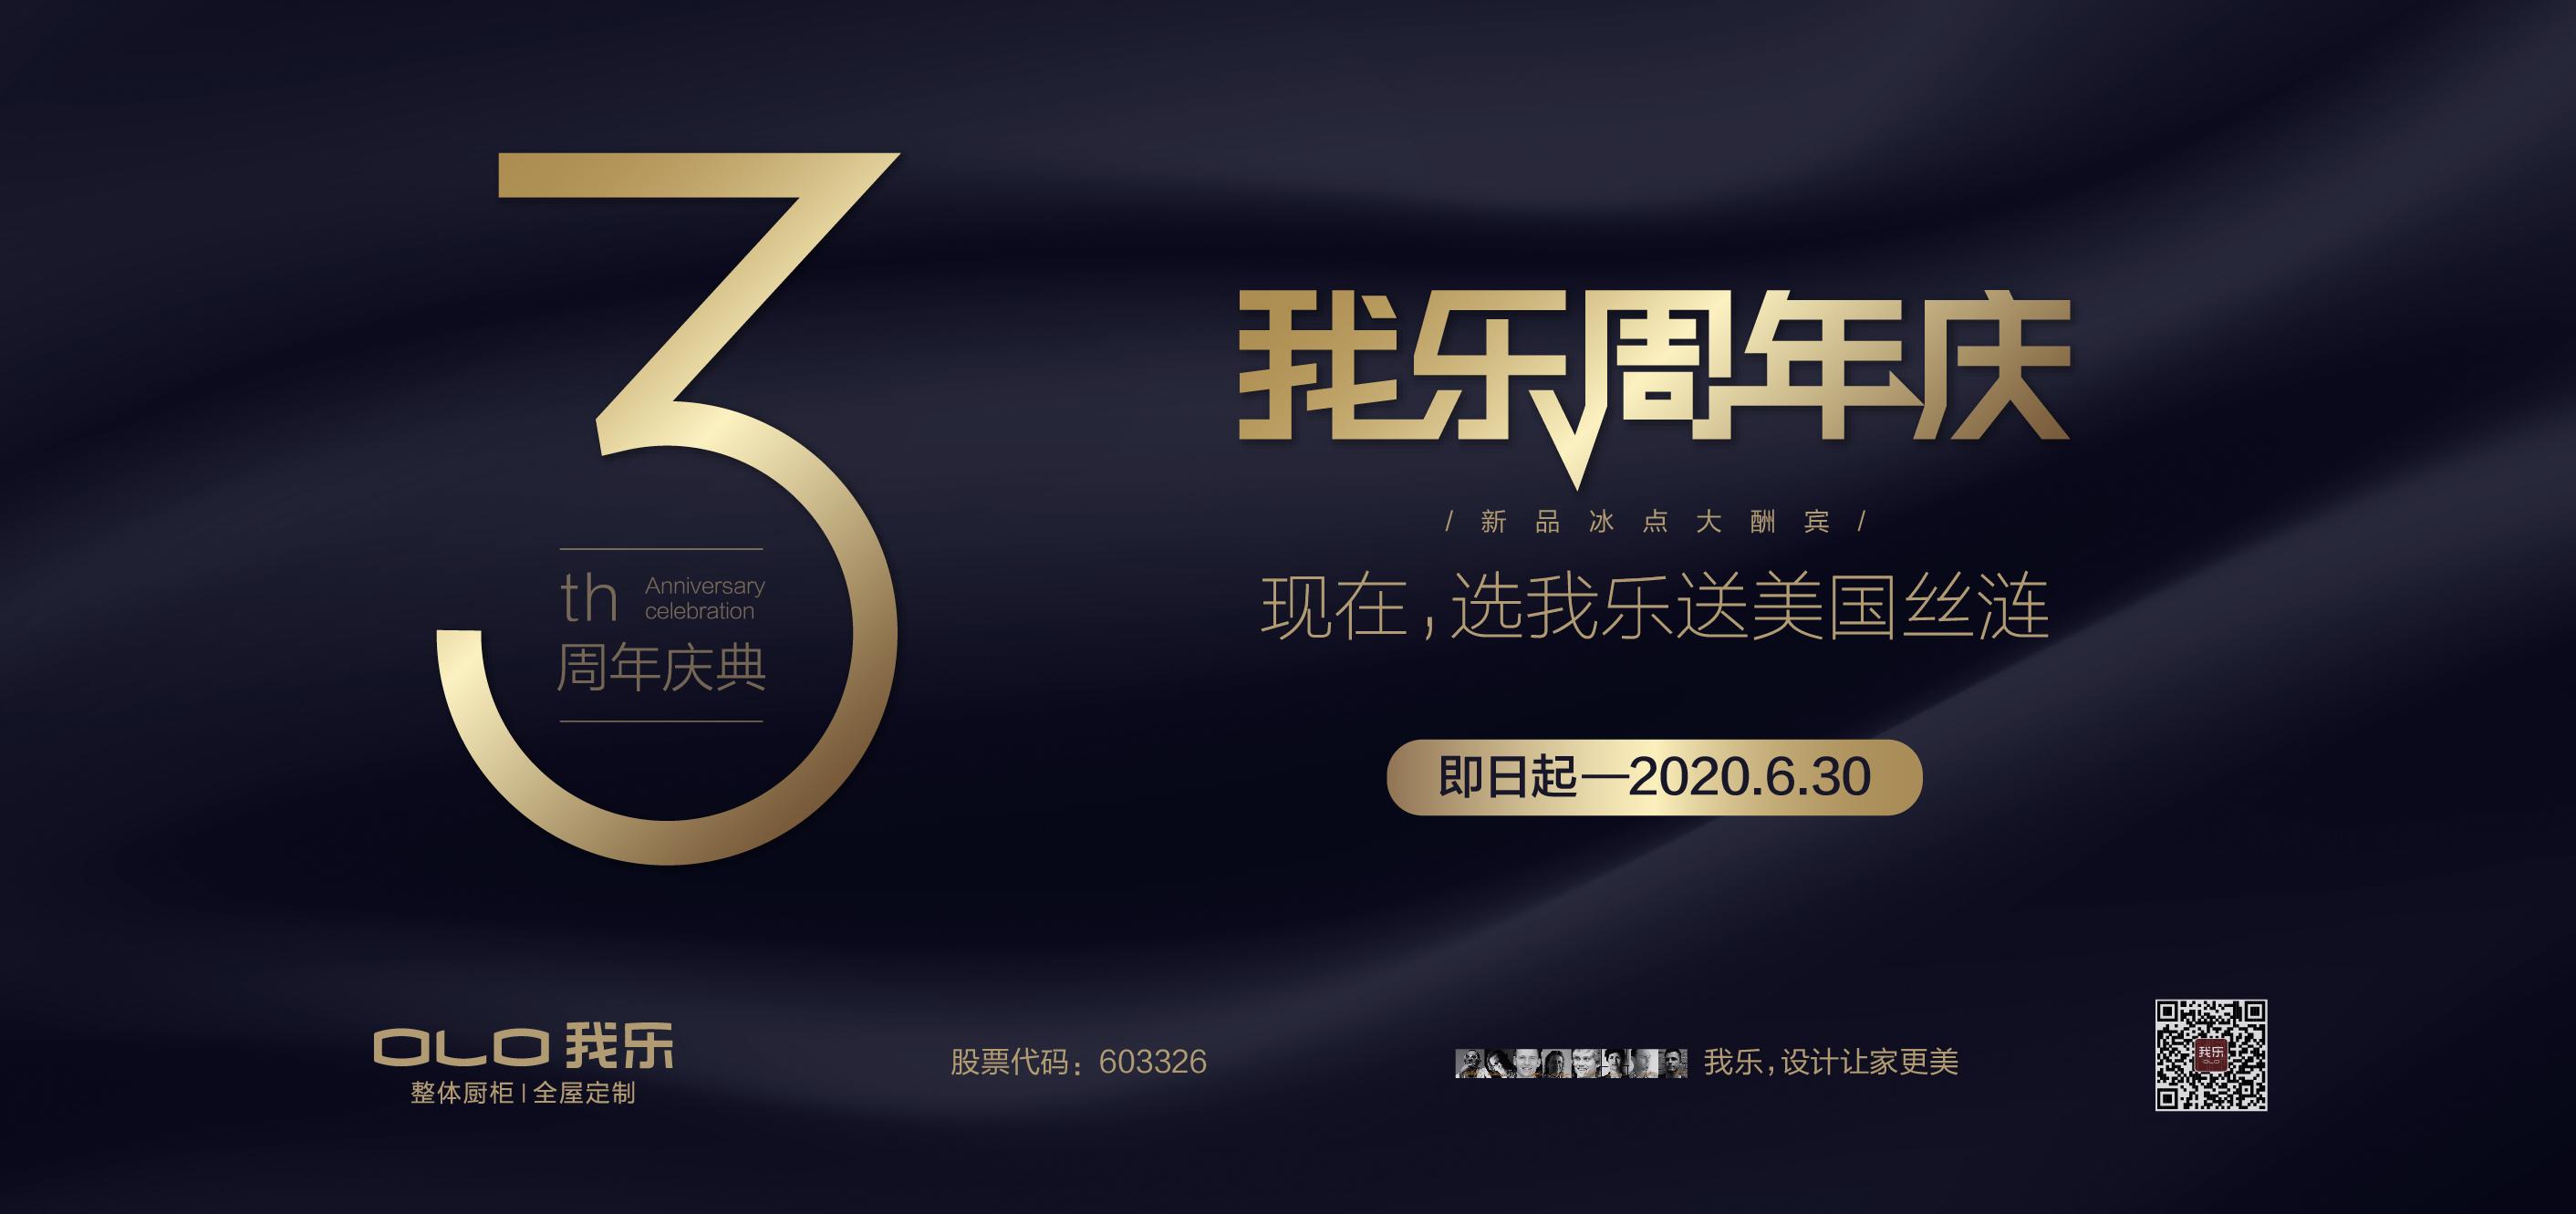 上市3周年庆